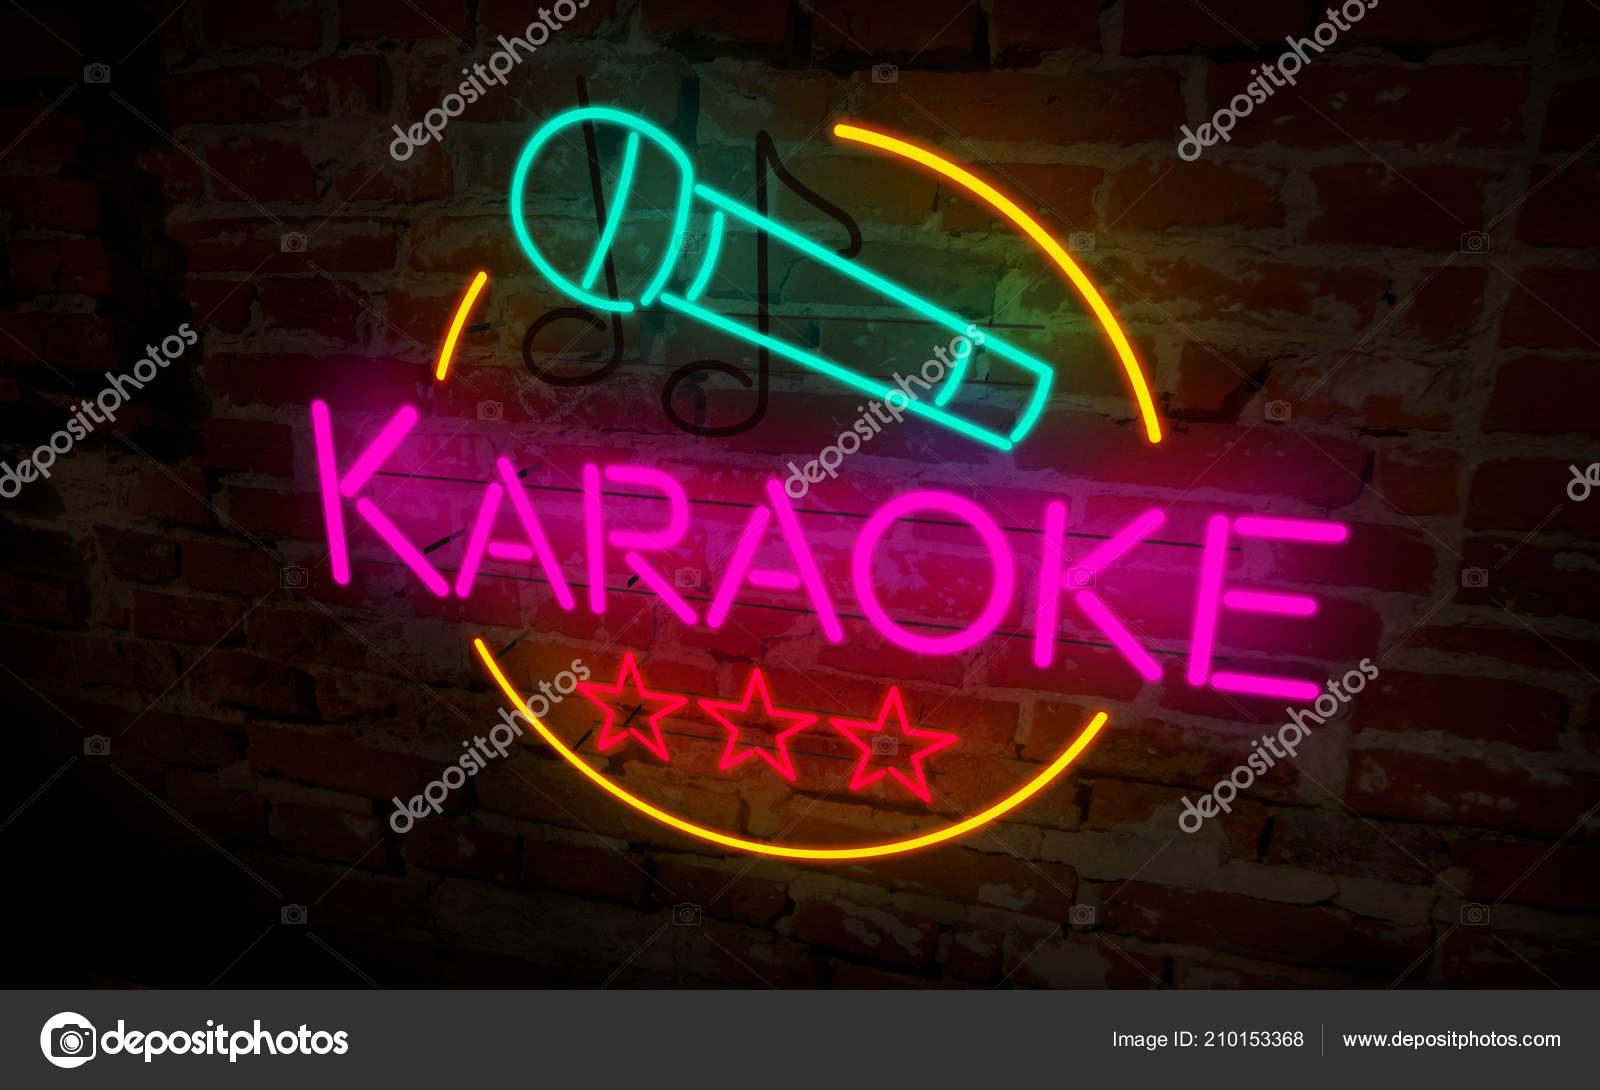 Bekannt Karaoke Club Neonlampe Auf Ziegel Wand Retro Leichte Schriftzug RF73